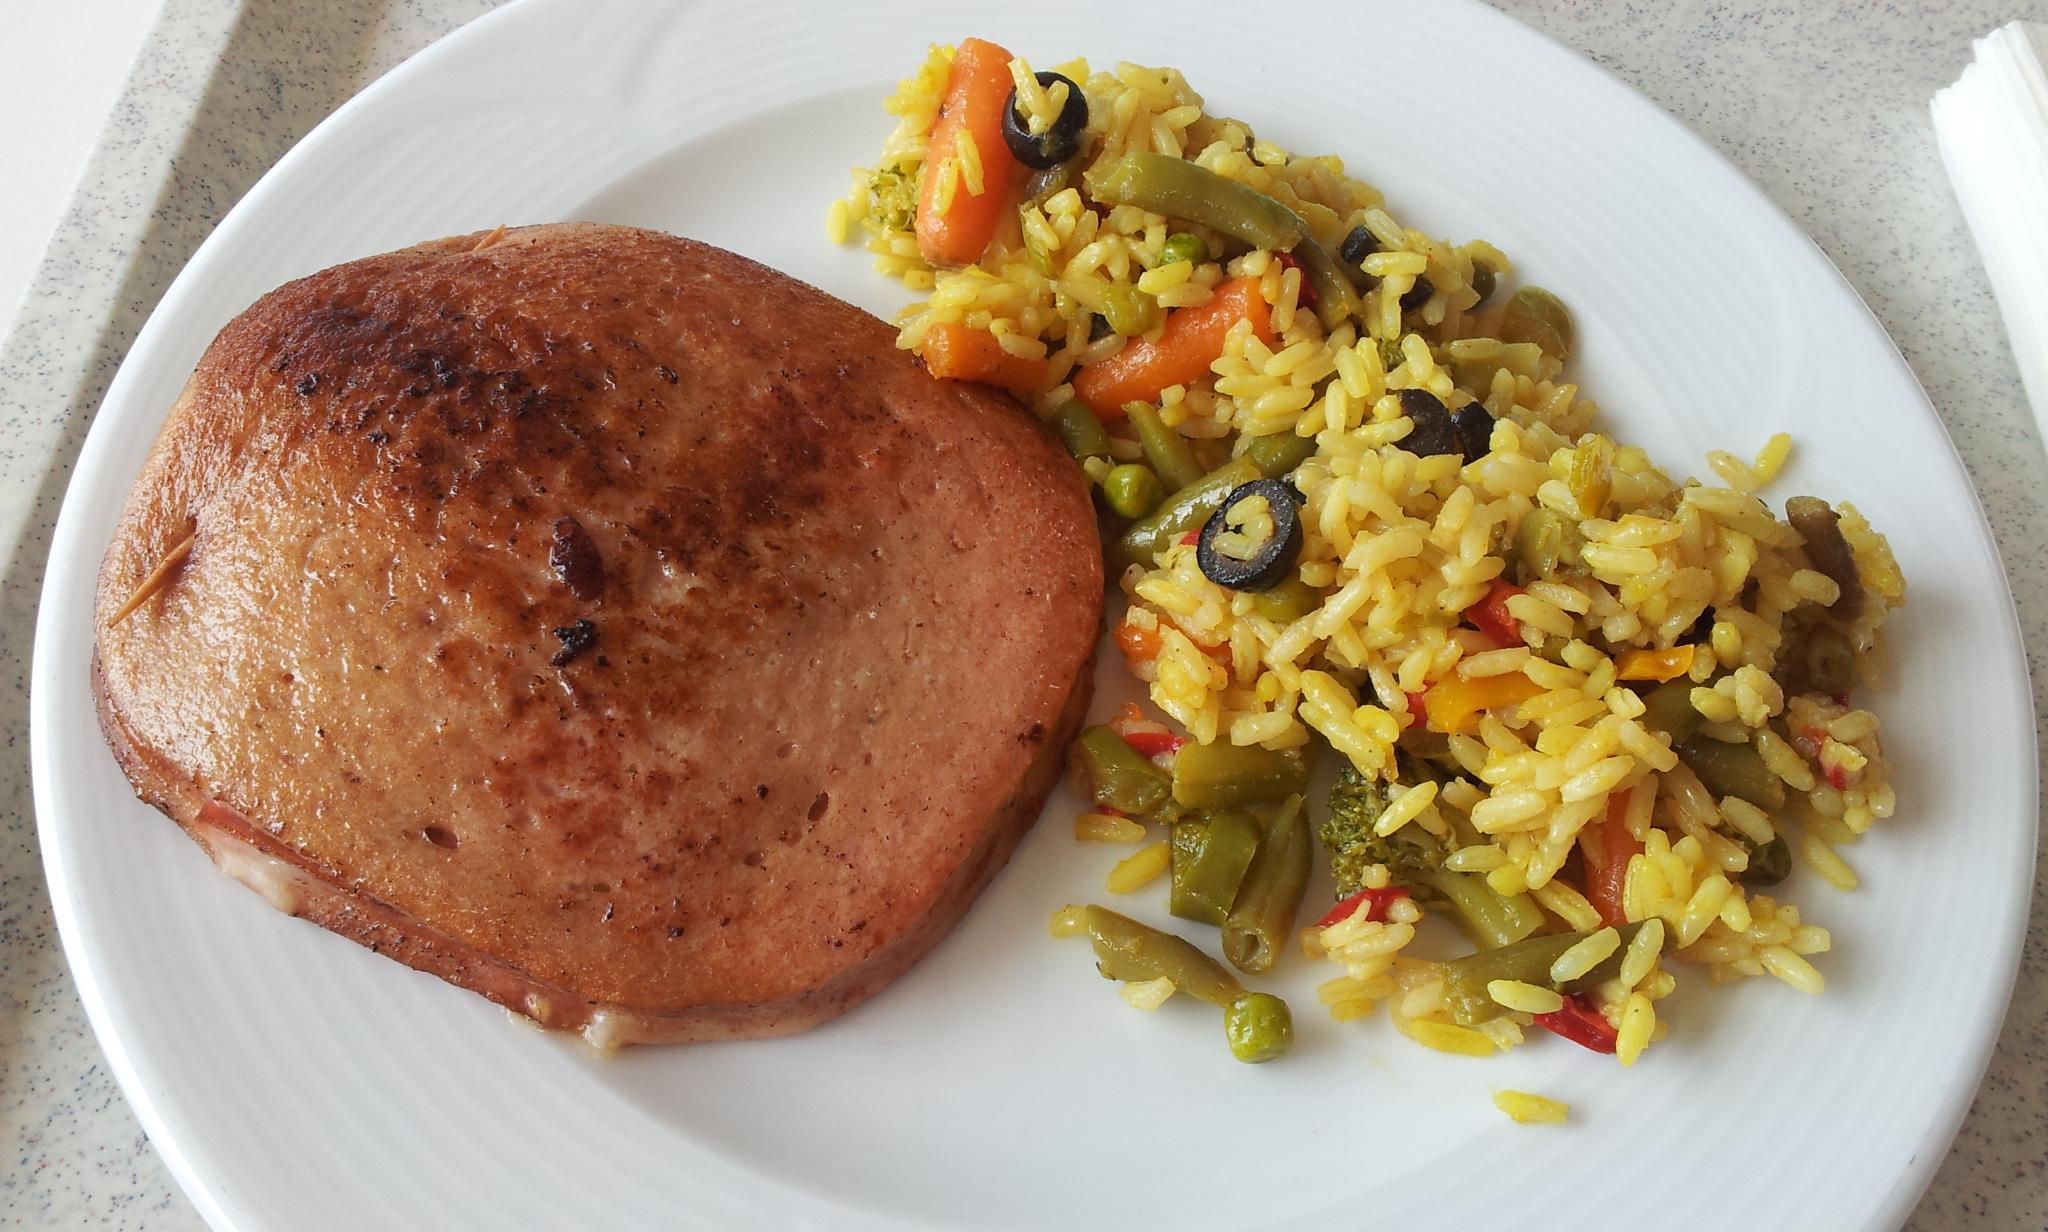 https://foodloader.net/Holz_2013-08-22_Fleischkaesetasche_mit_Paella.jpg